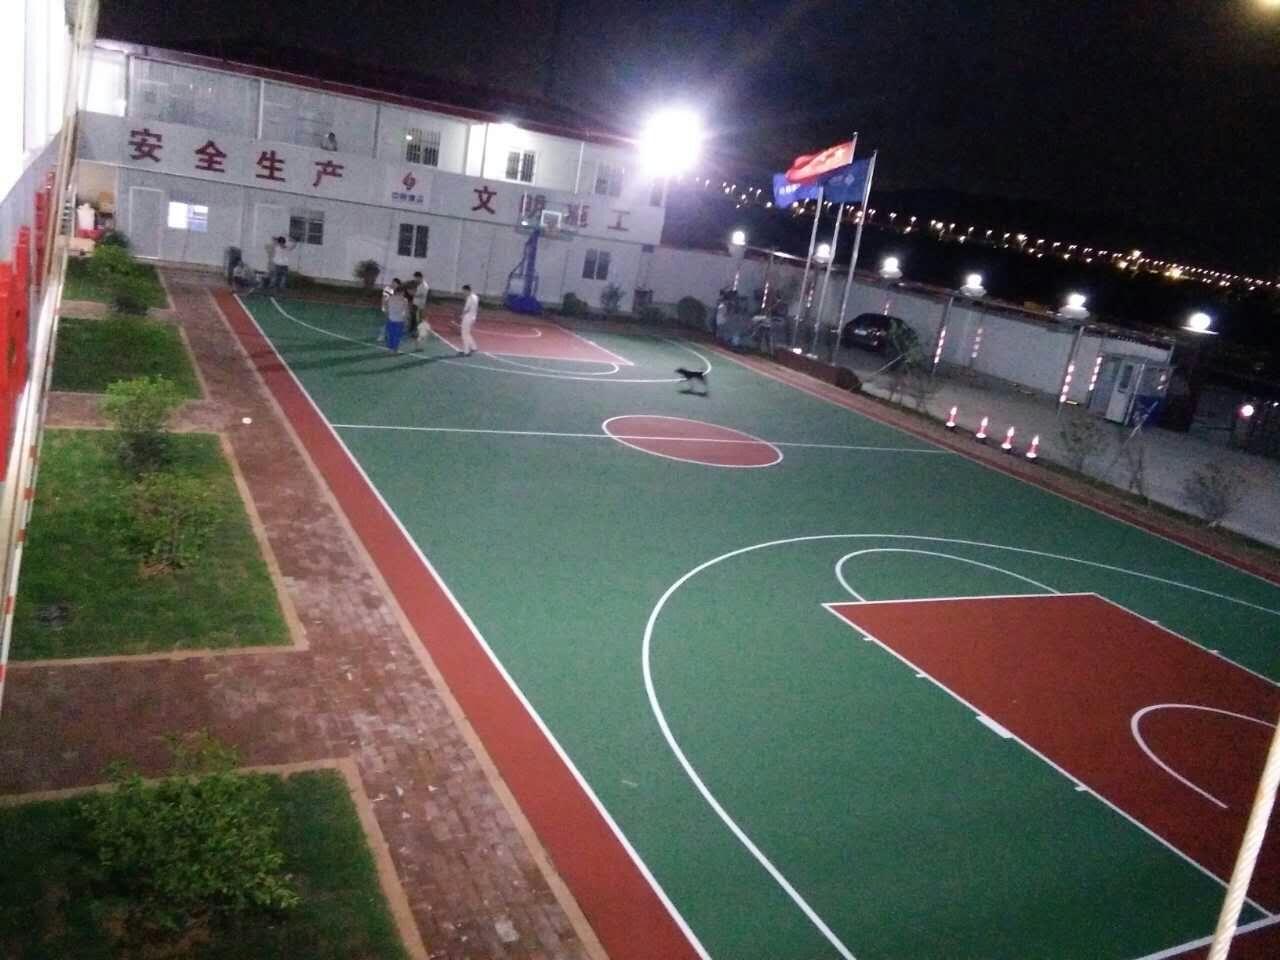 珠海横琴新区高新技术产业园区市政基础设施工程 丙烯酸篮球场地工程